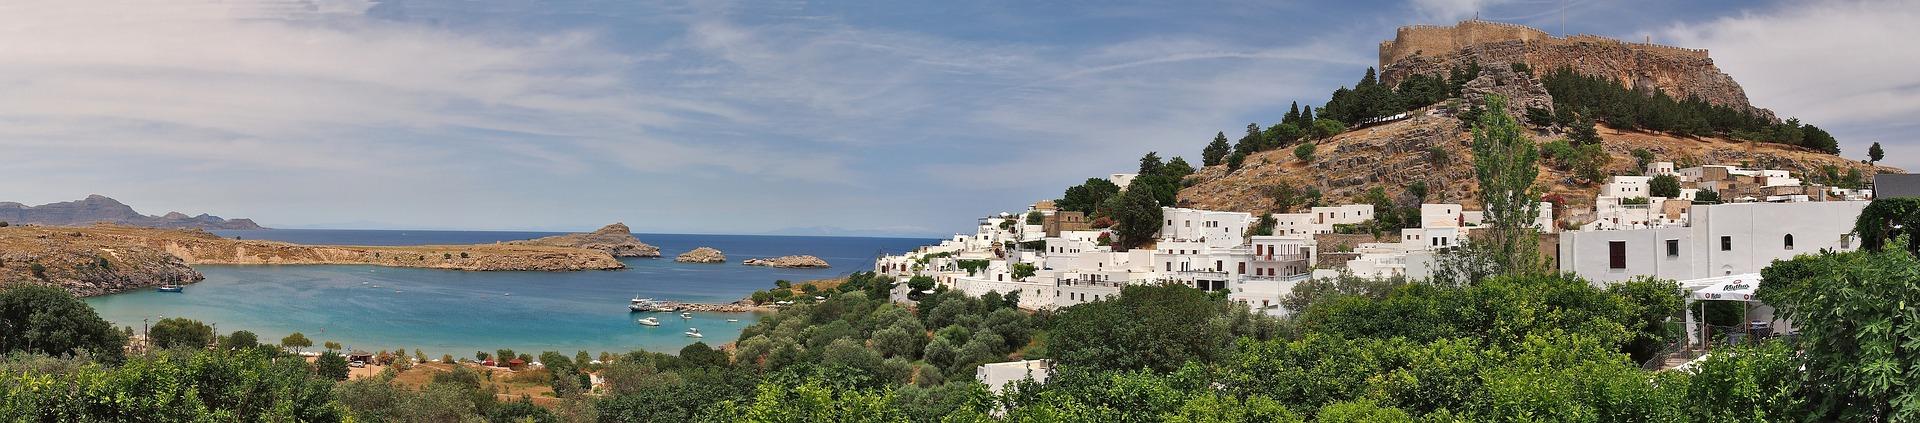 Apartment auf Rhodos ab 24,25€ 5 Nächte in Griechenland